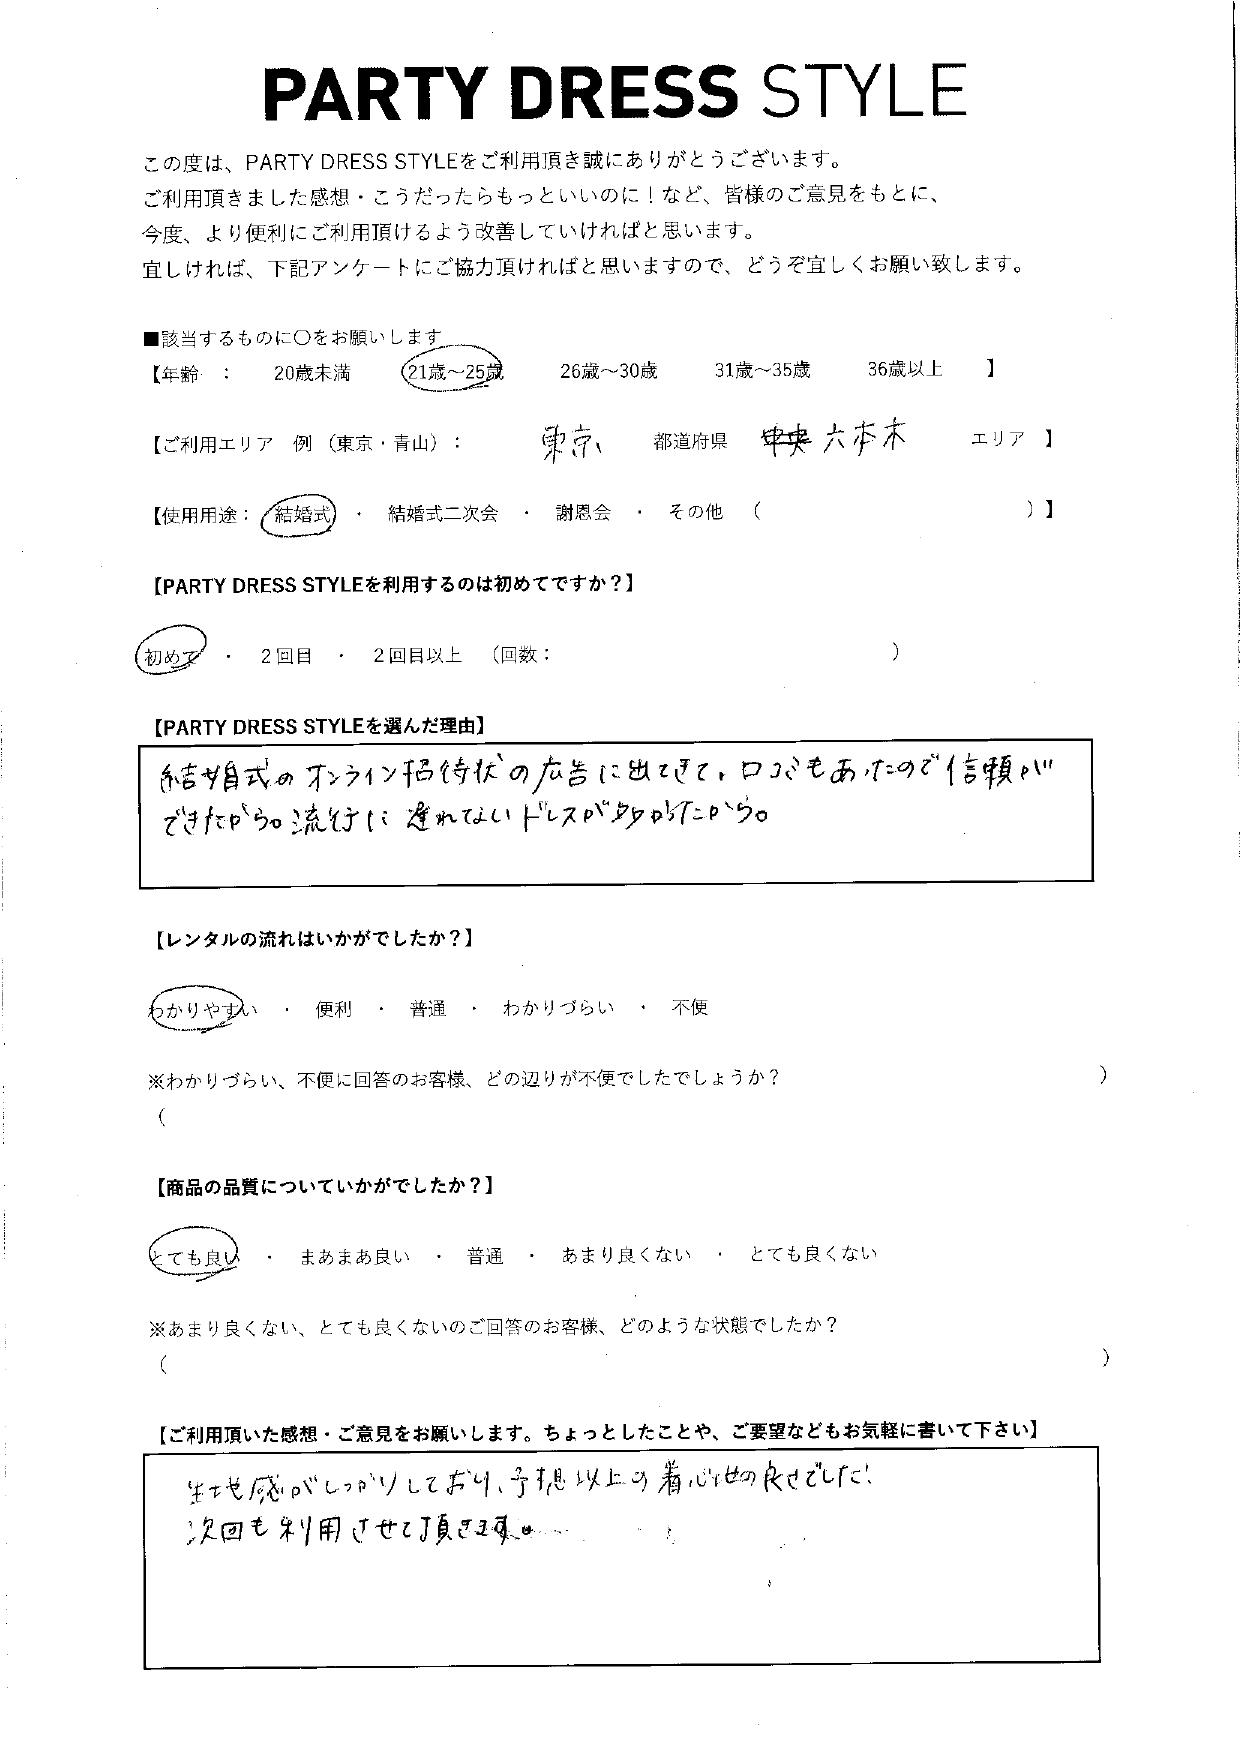 11/21結婚式ご利用 東京・六本木エリア